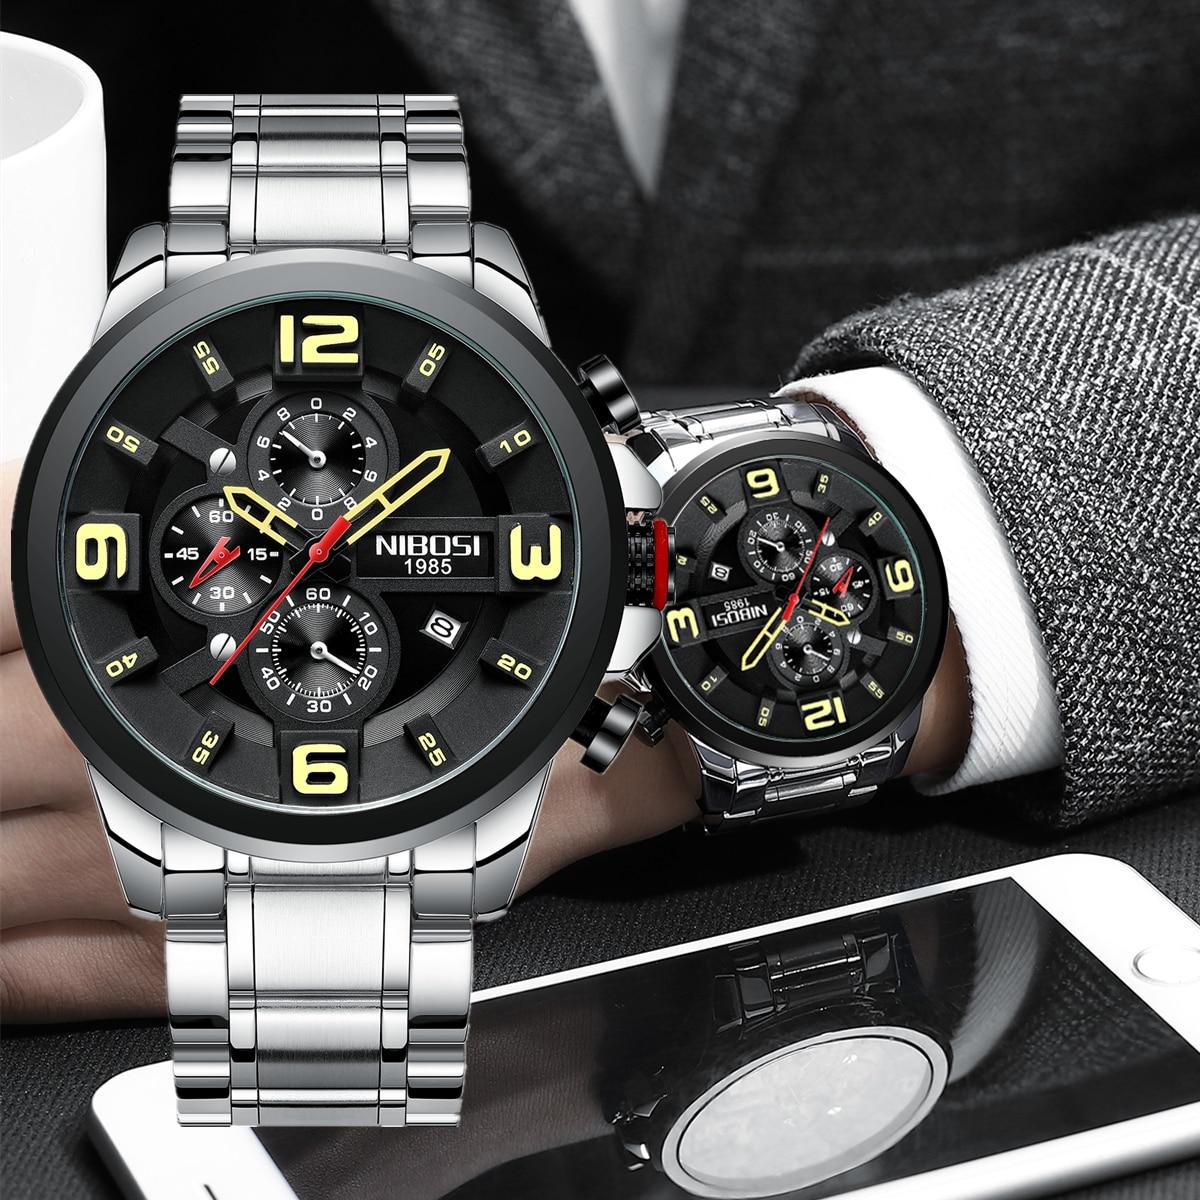 NIBOSI موضة ساعات رجالي أفضل العلامة التجارية الفاخرة الطلب الكبير الرياضة ساعة كامل الصلب مقاوم للماء الأعمال ساعة رقمية Relogio Masculino